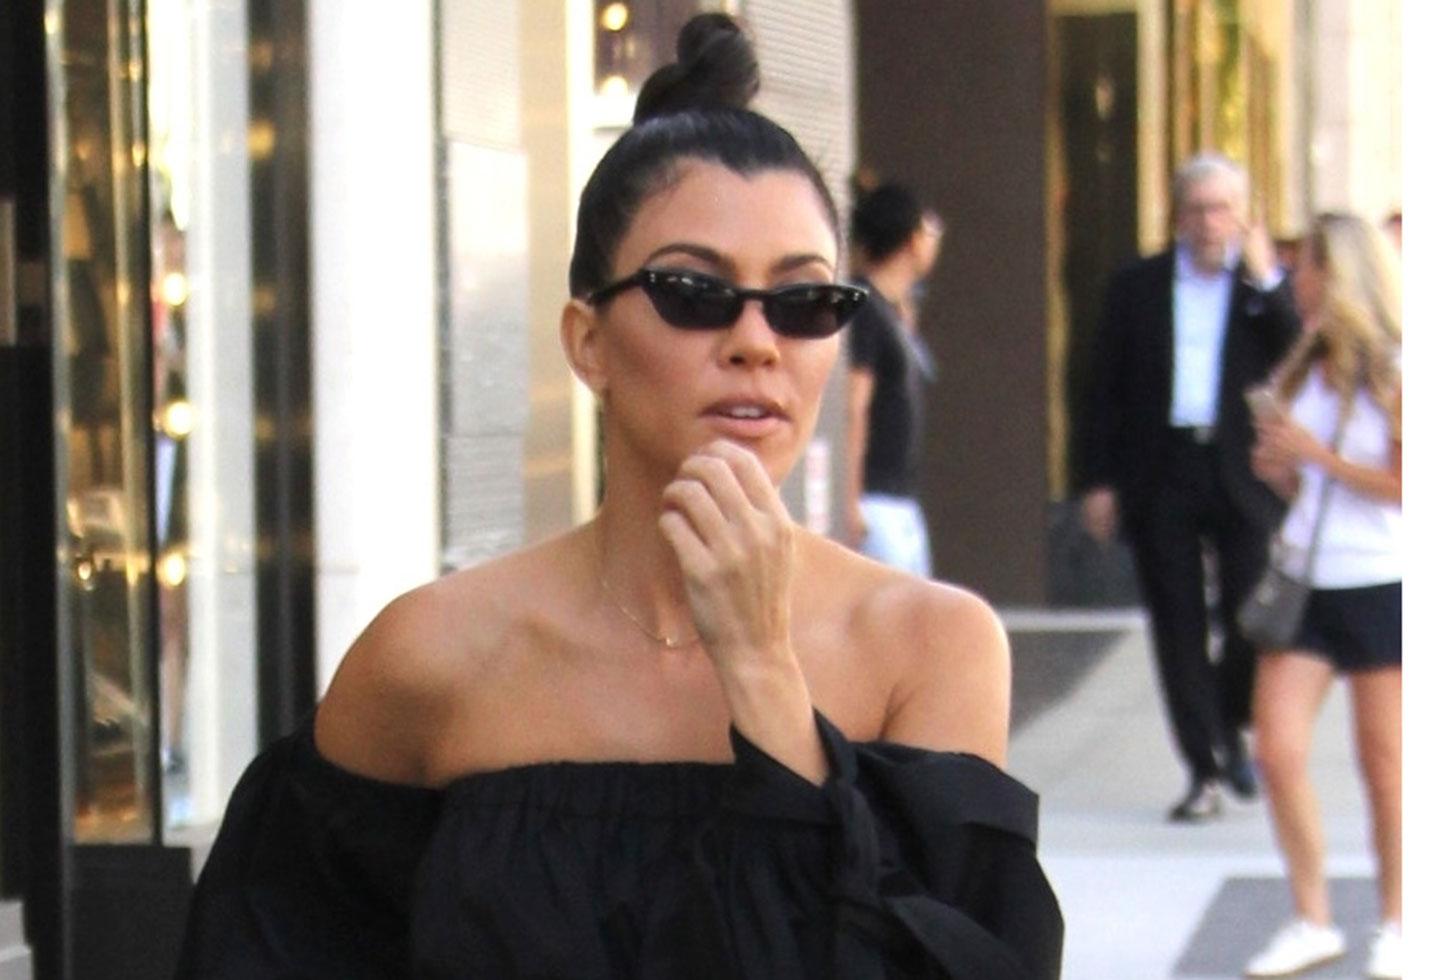 Kourtney kardashian tells reporter im pregnant feature